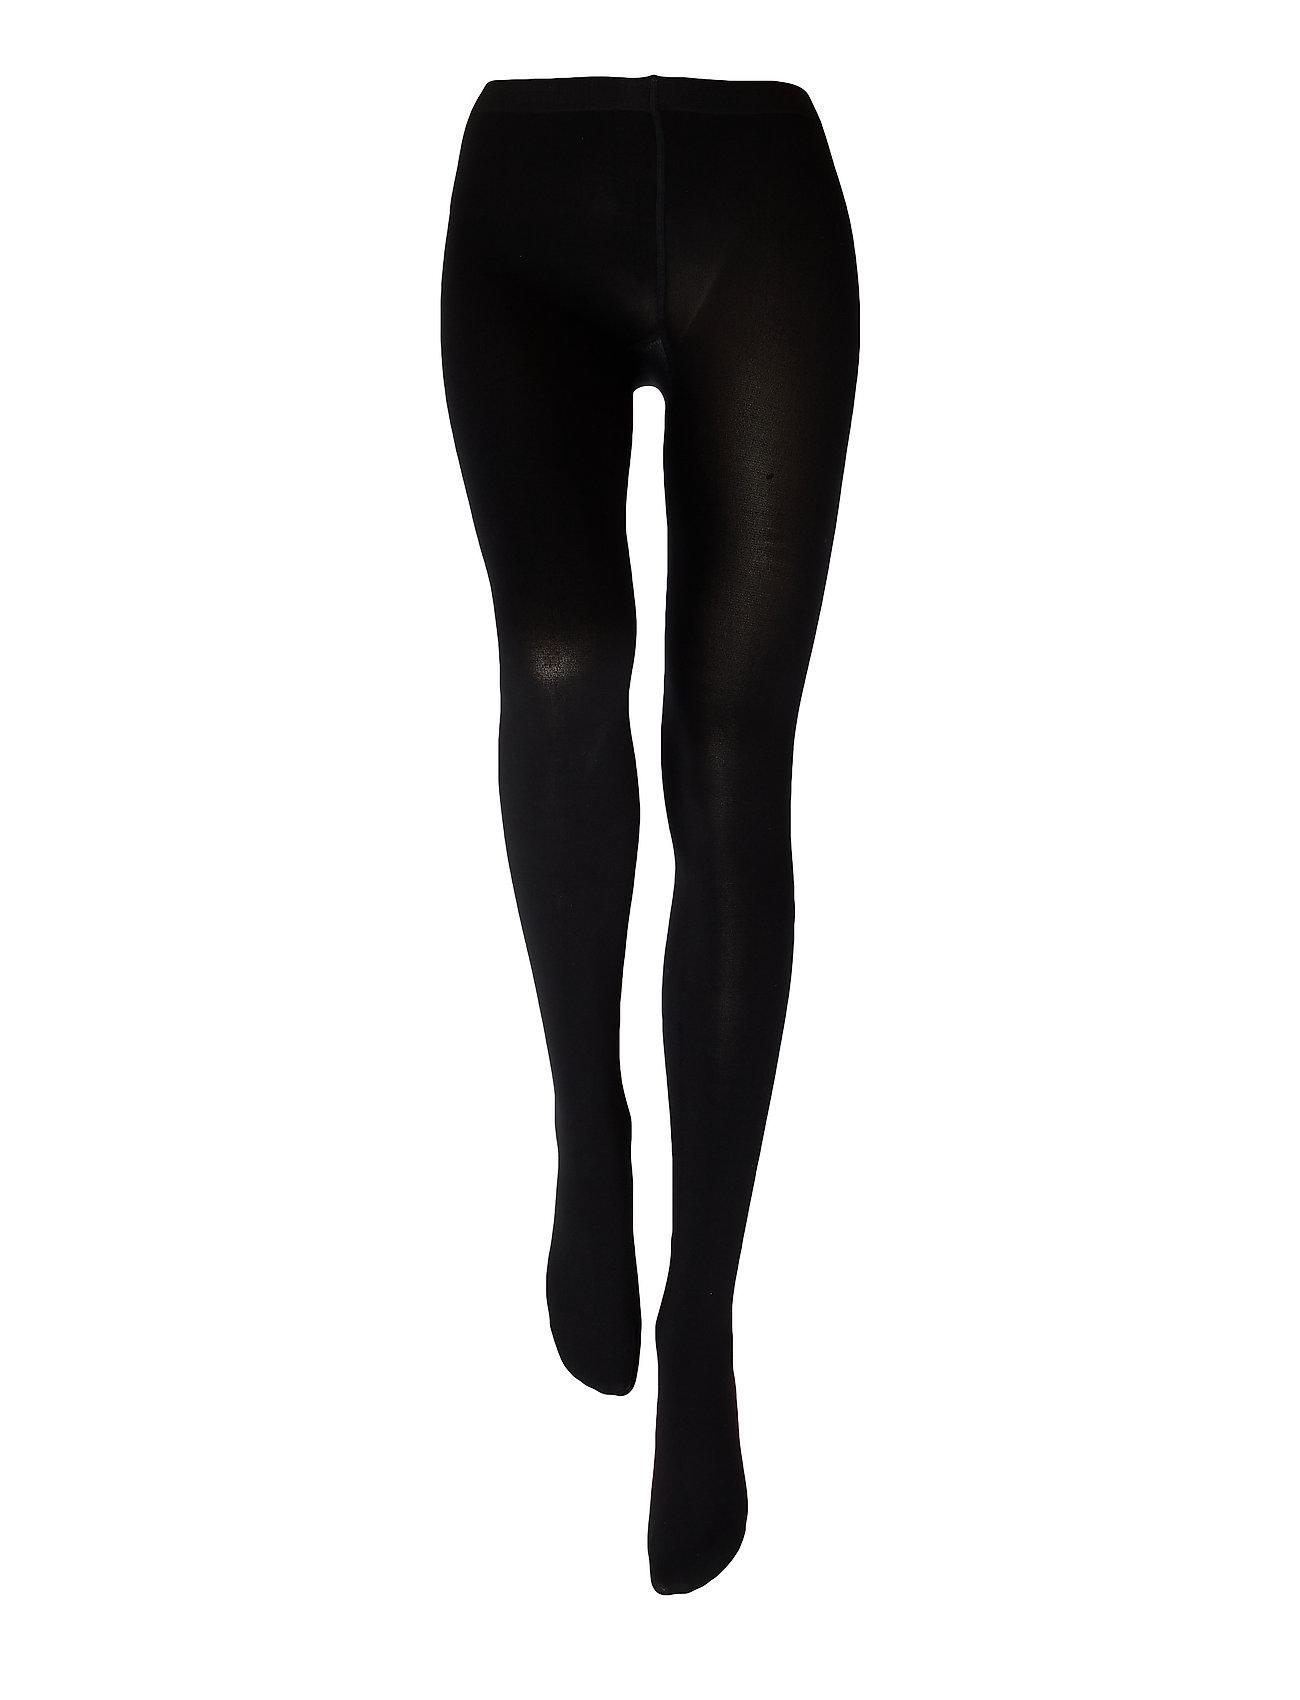 Falke Women Warm Deluxe TI - BLACK